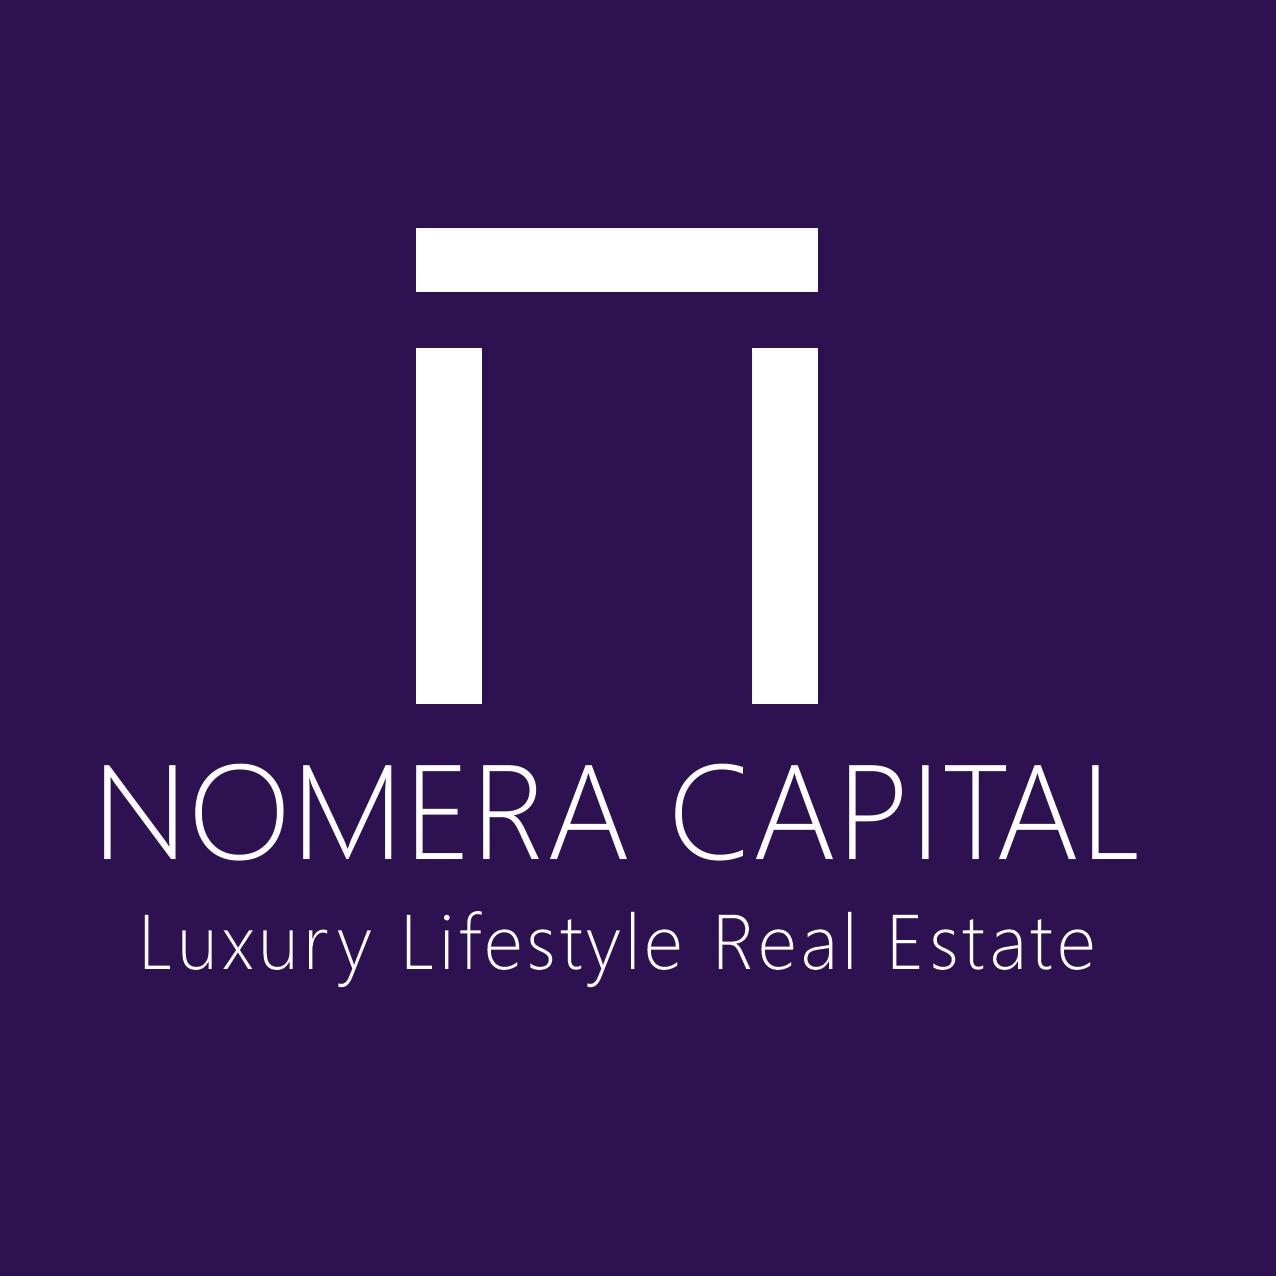 Nomera Capital